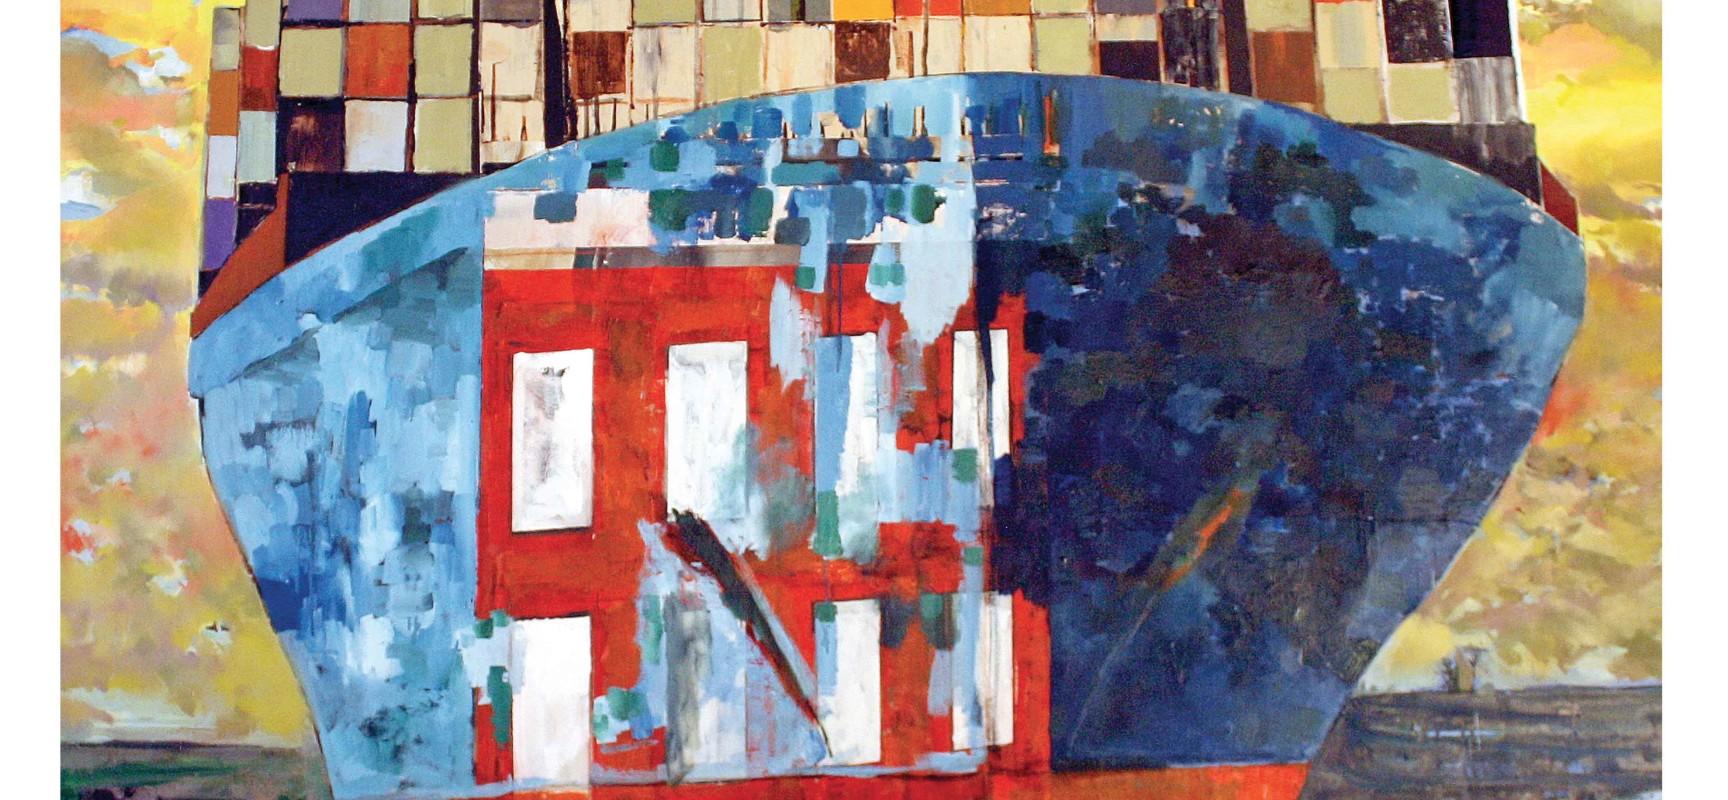 «Dernier inventaire avant liquidation», une exposition de peinture grenier du vendredi 5 juillet au samedi 7 septembre 2019